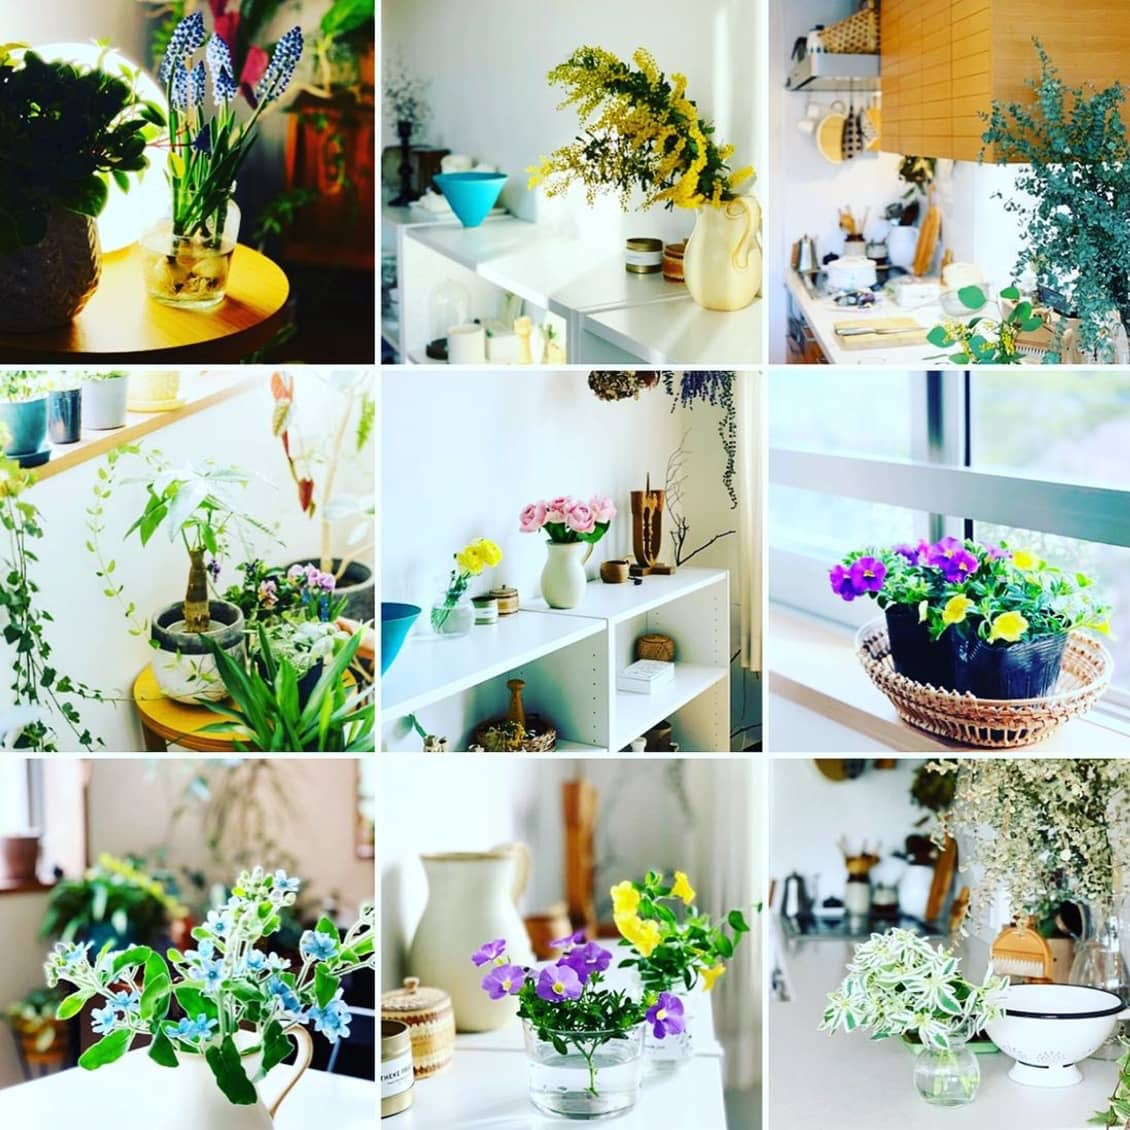 【店長の今日のエッセイ】1年のあいだ花の写真を撮り続けて、今こんなことを思う。